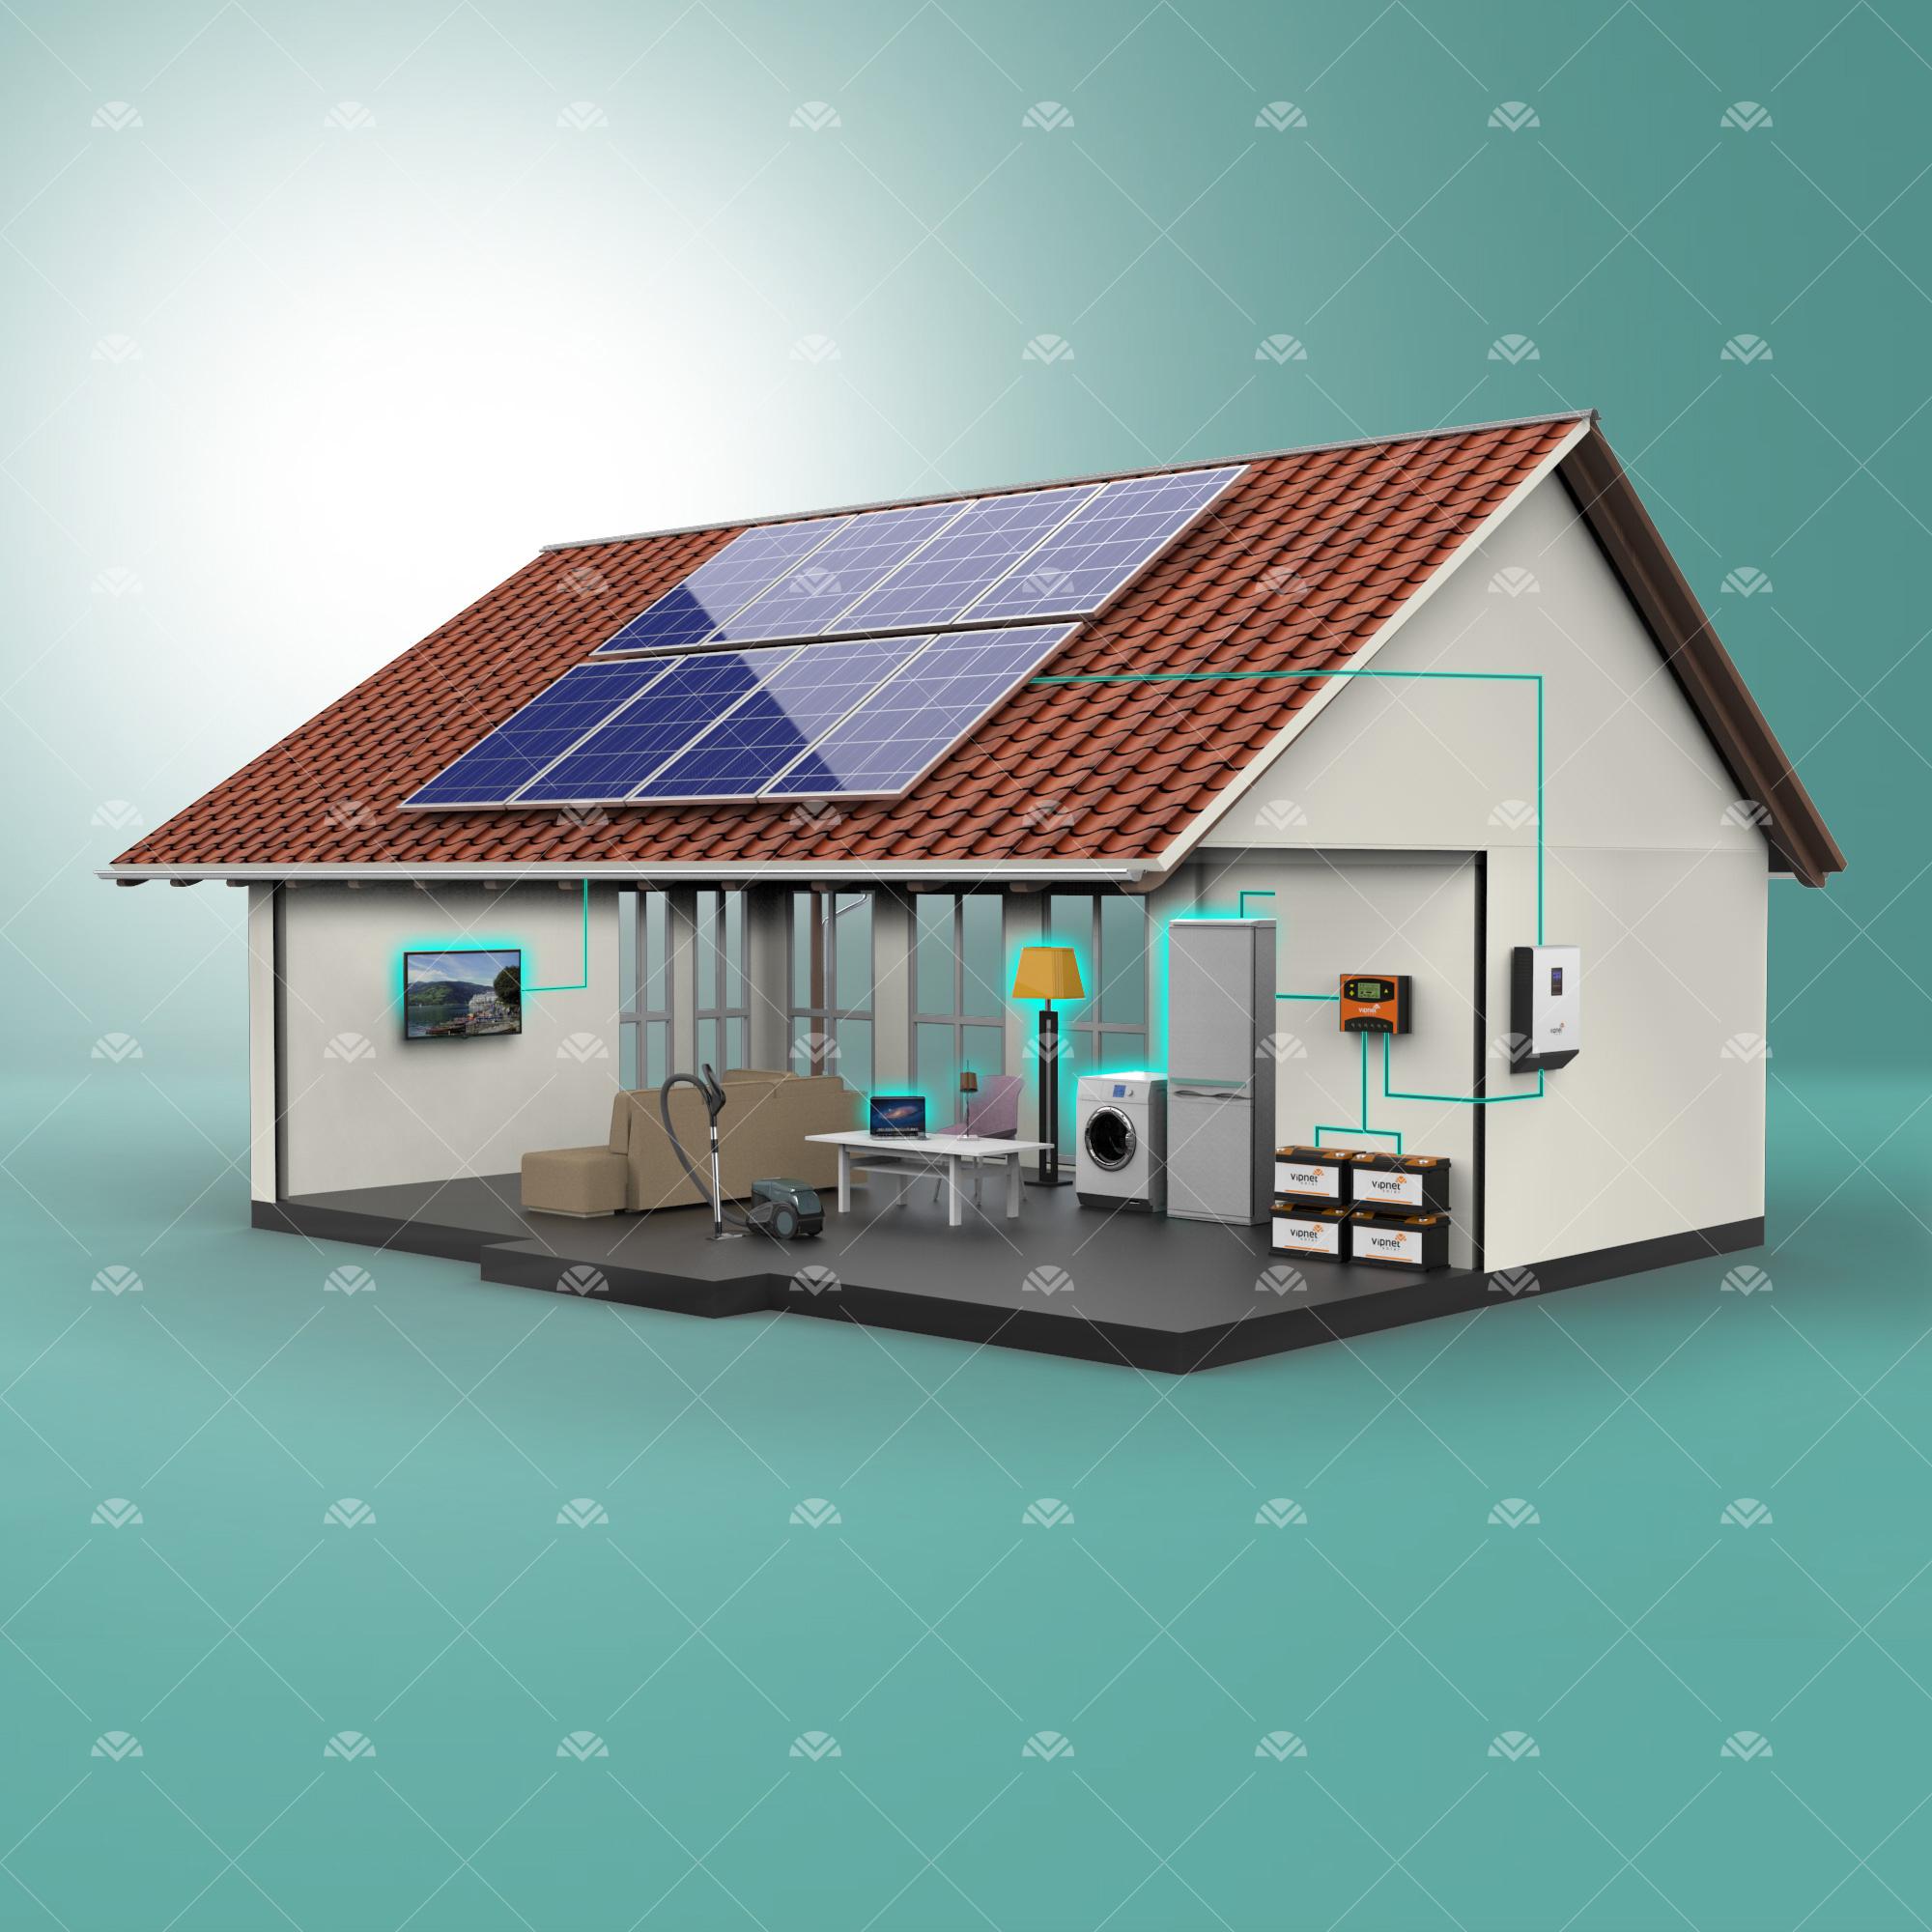 Solar Paket 5-lambalar, tv, süpürge, büyük buzdolabı, çamaşır makinesi, ev aletleri, su pompası